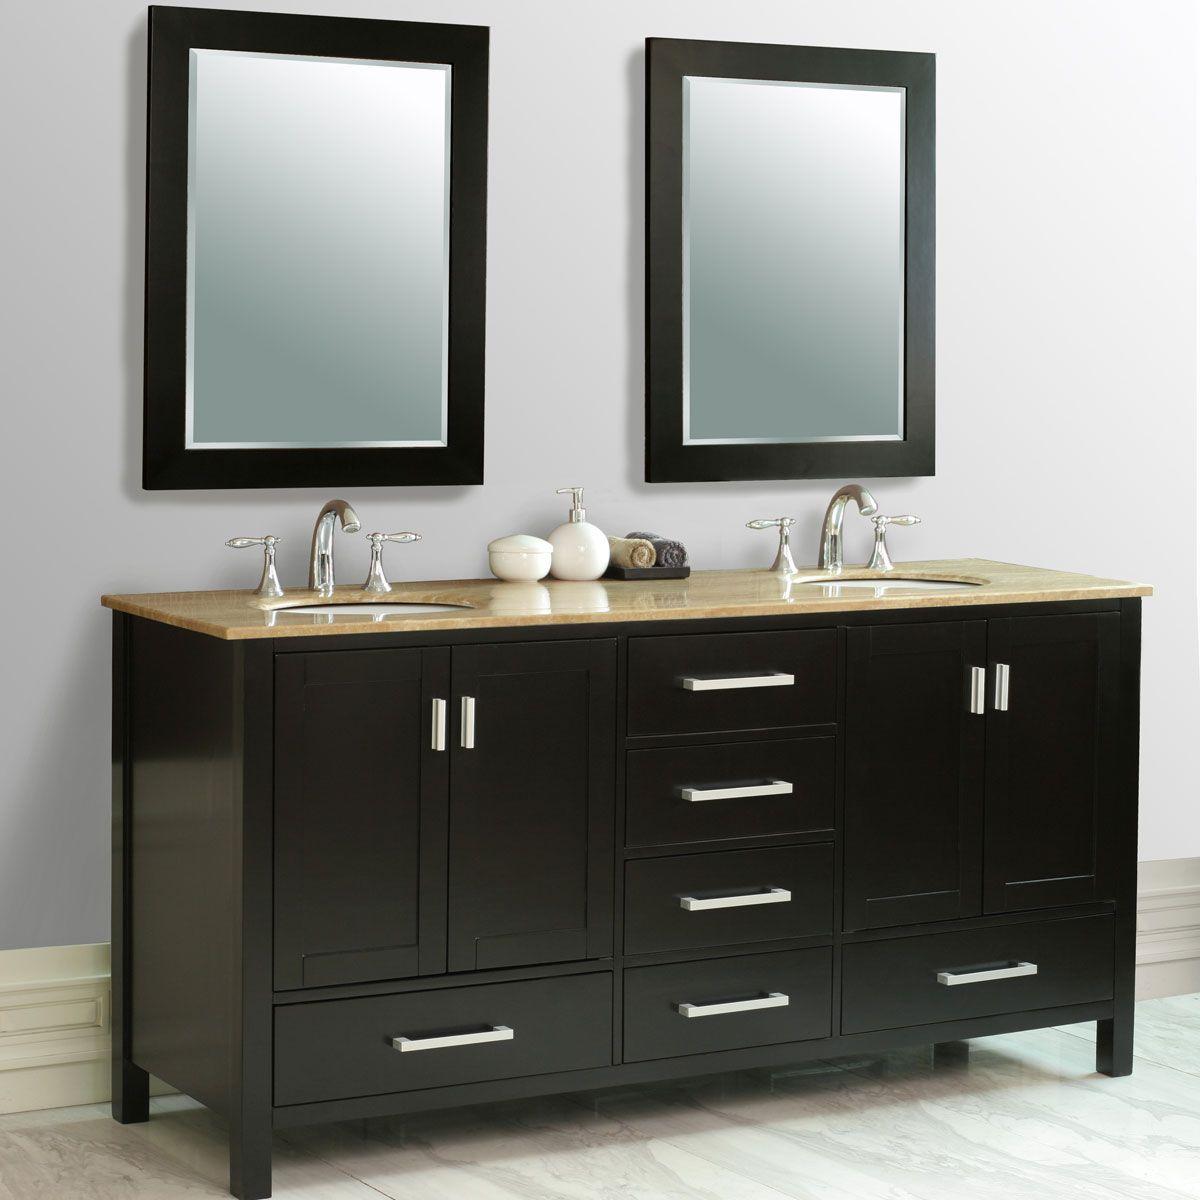 72 oslo double sink vanity